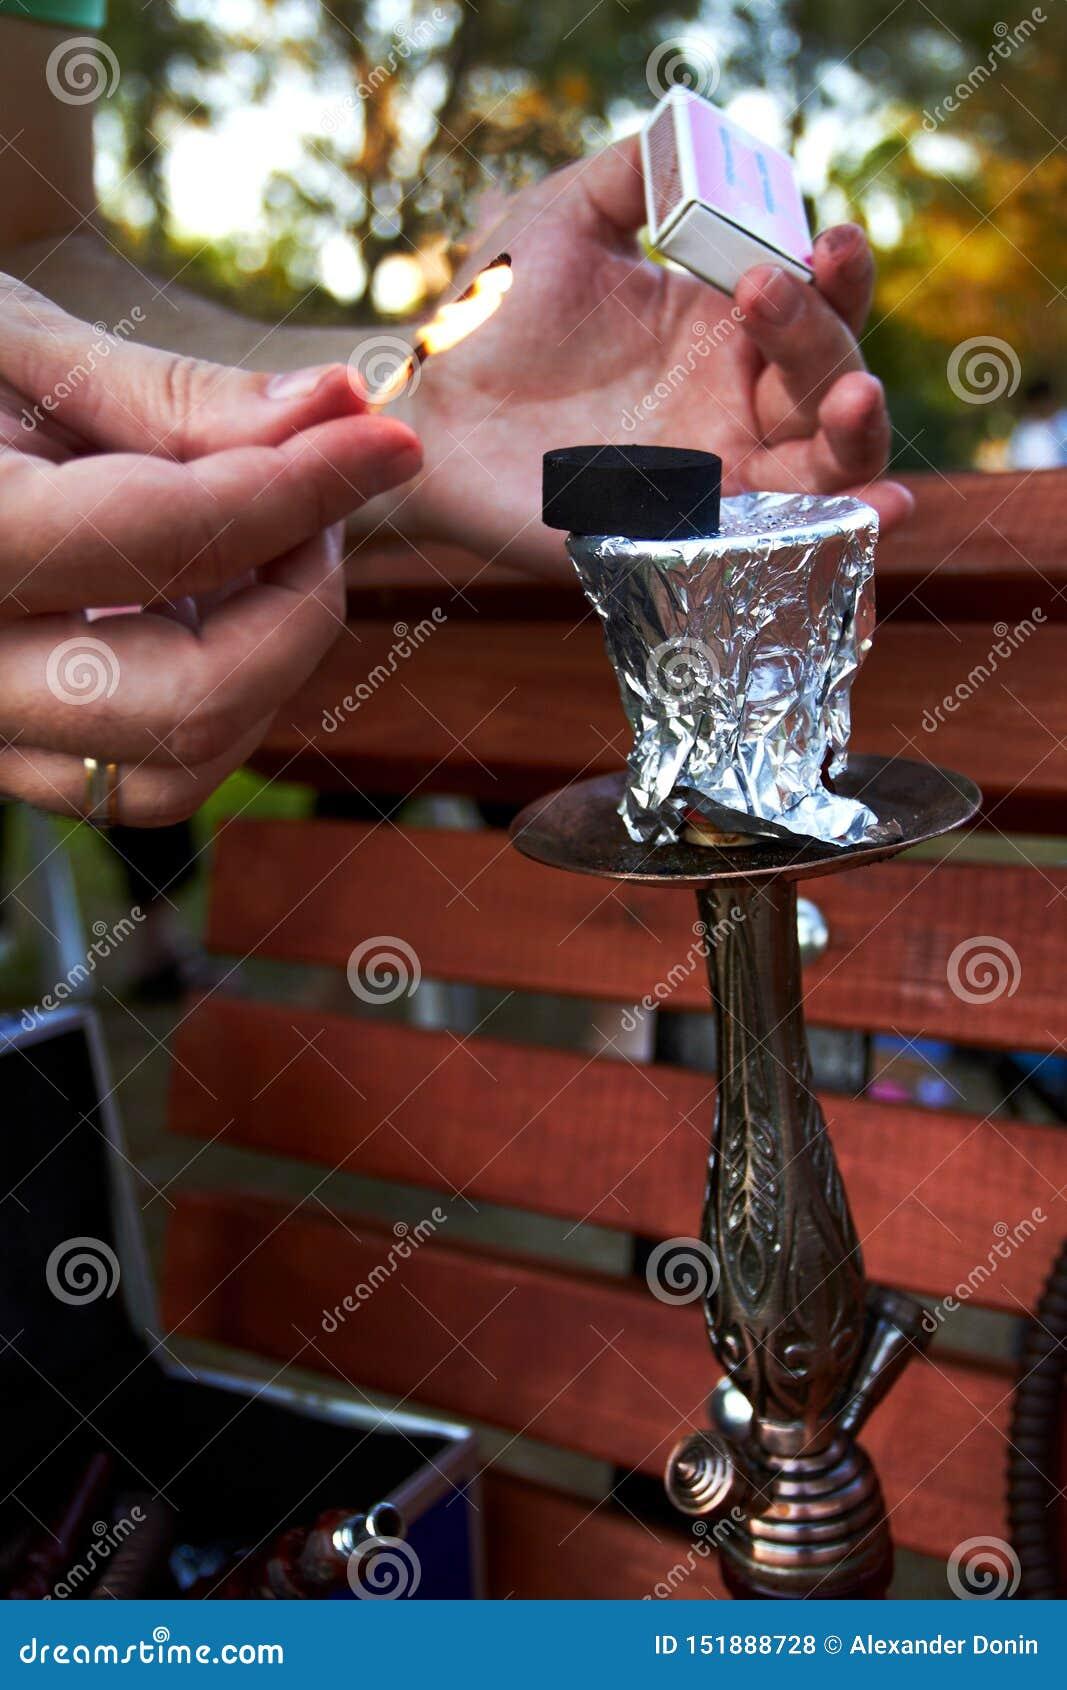 Hände, die Match und brennende Kohle für Huka im Park halten